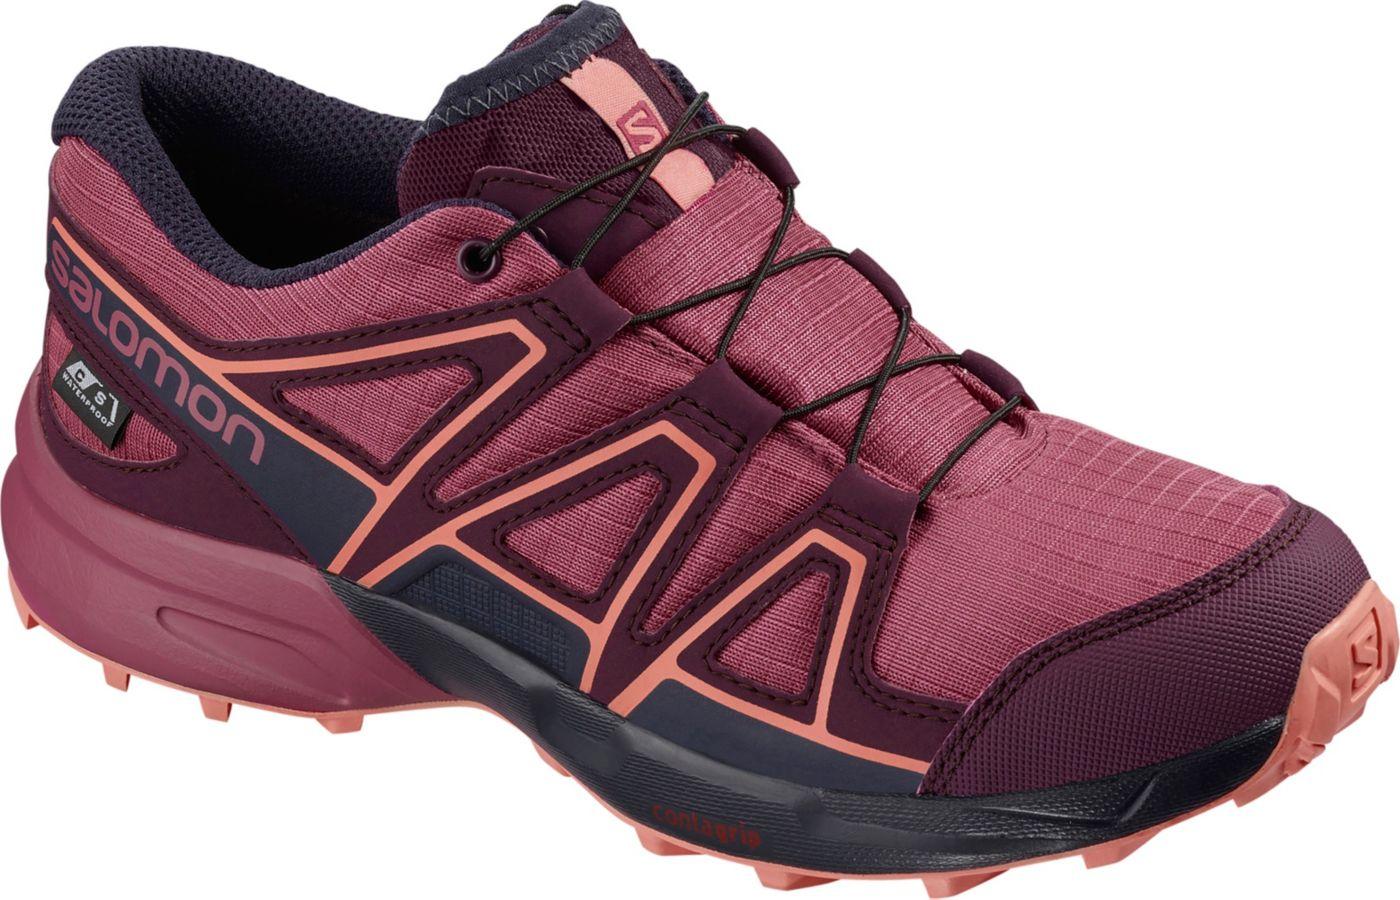 Salomon Kids' Speedcross ClimaSalomon Waterproof Hiking Shoes